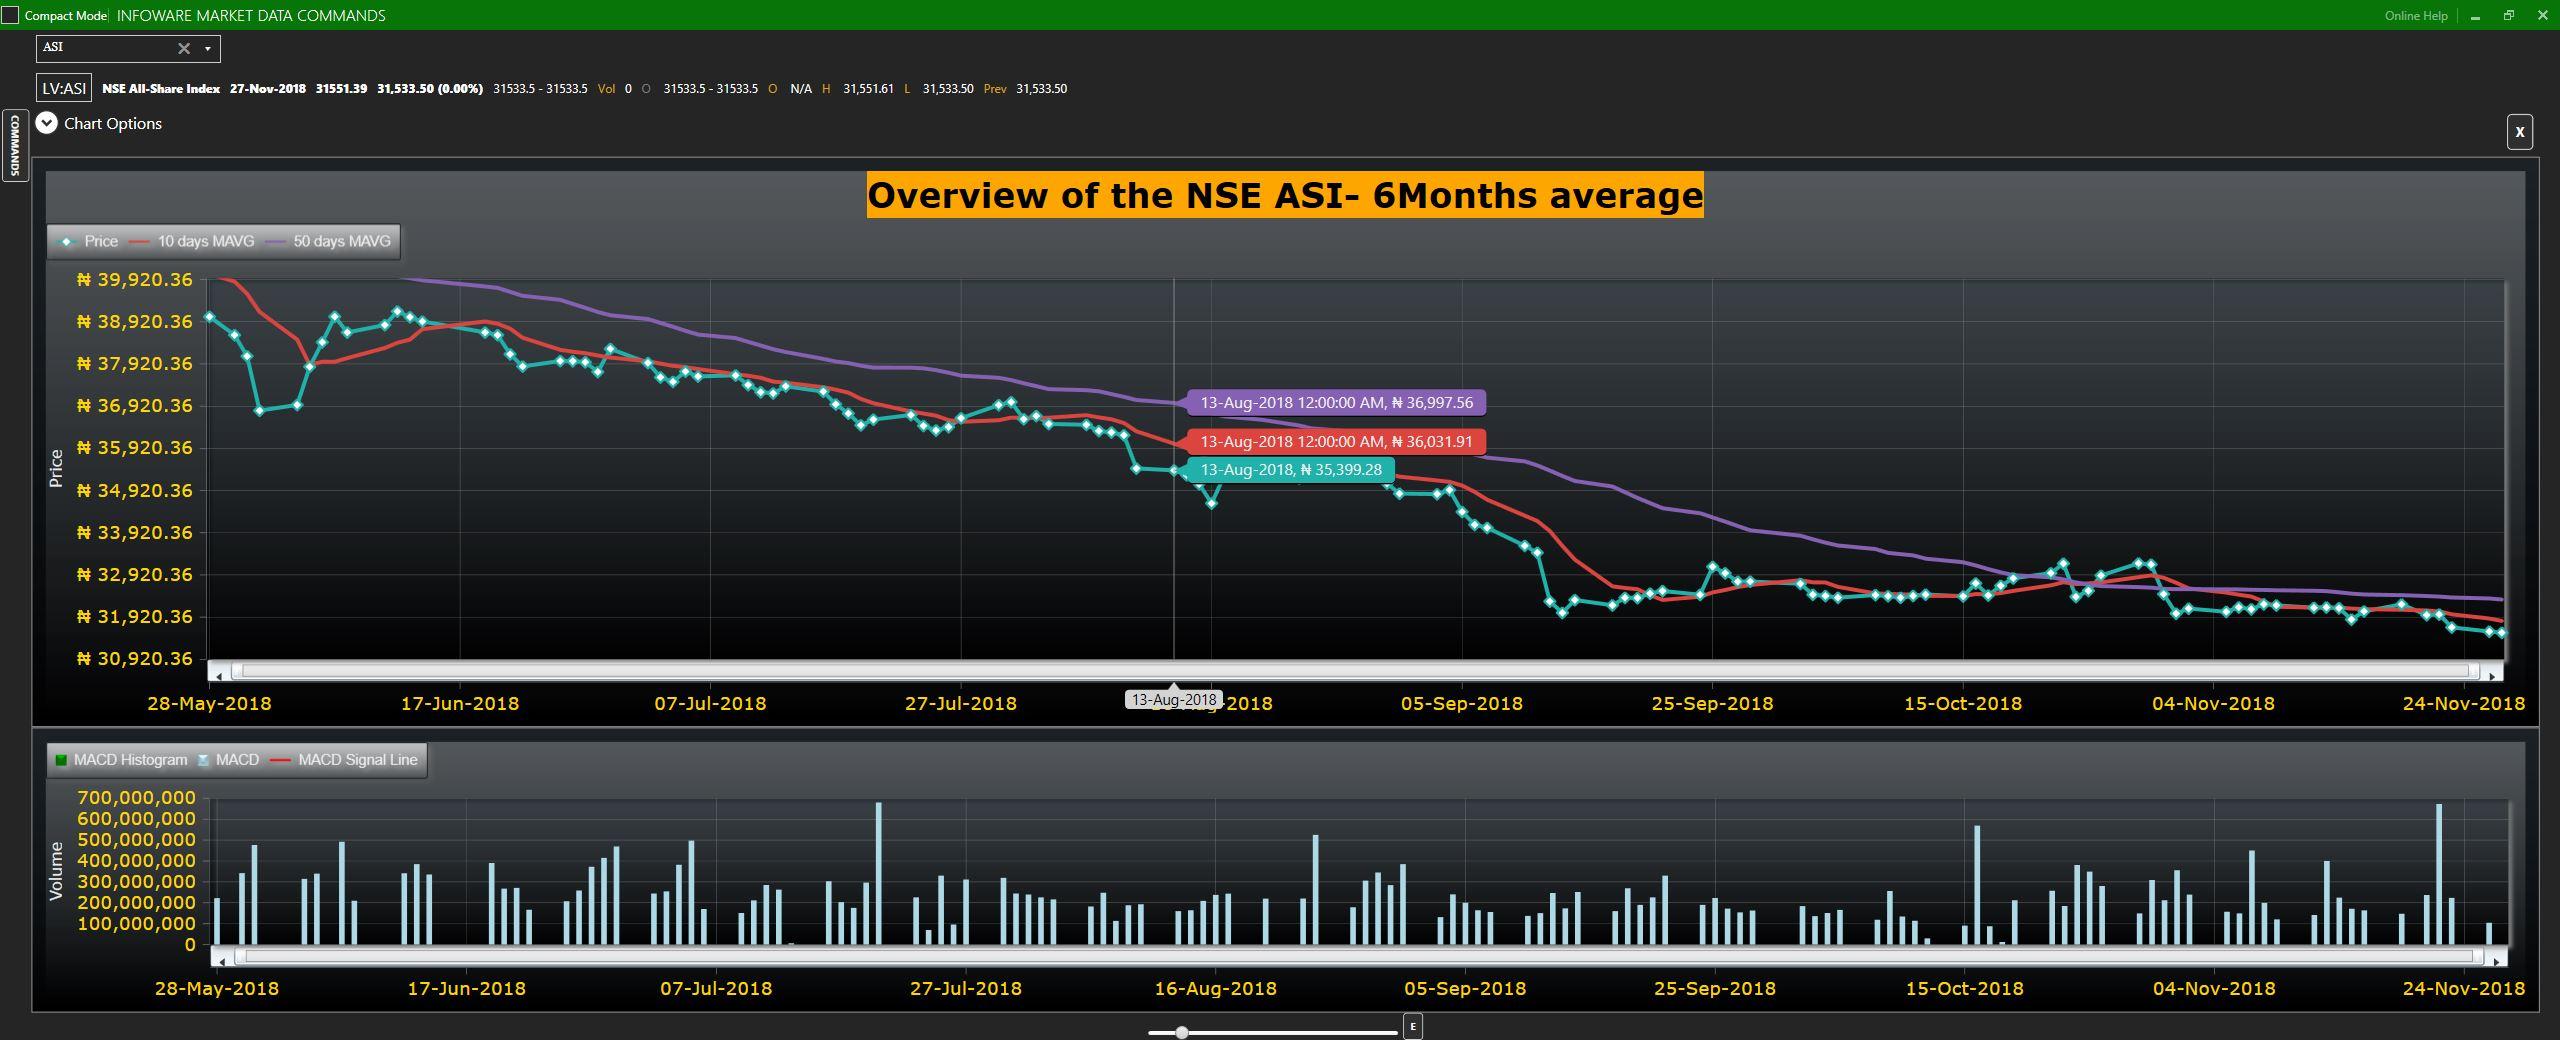 NSE ASI 6months Average